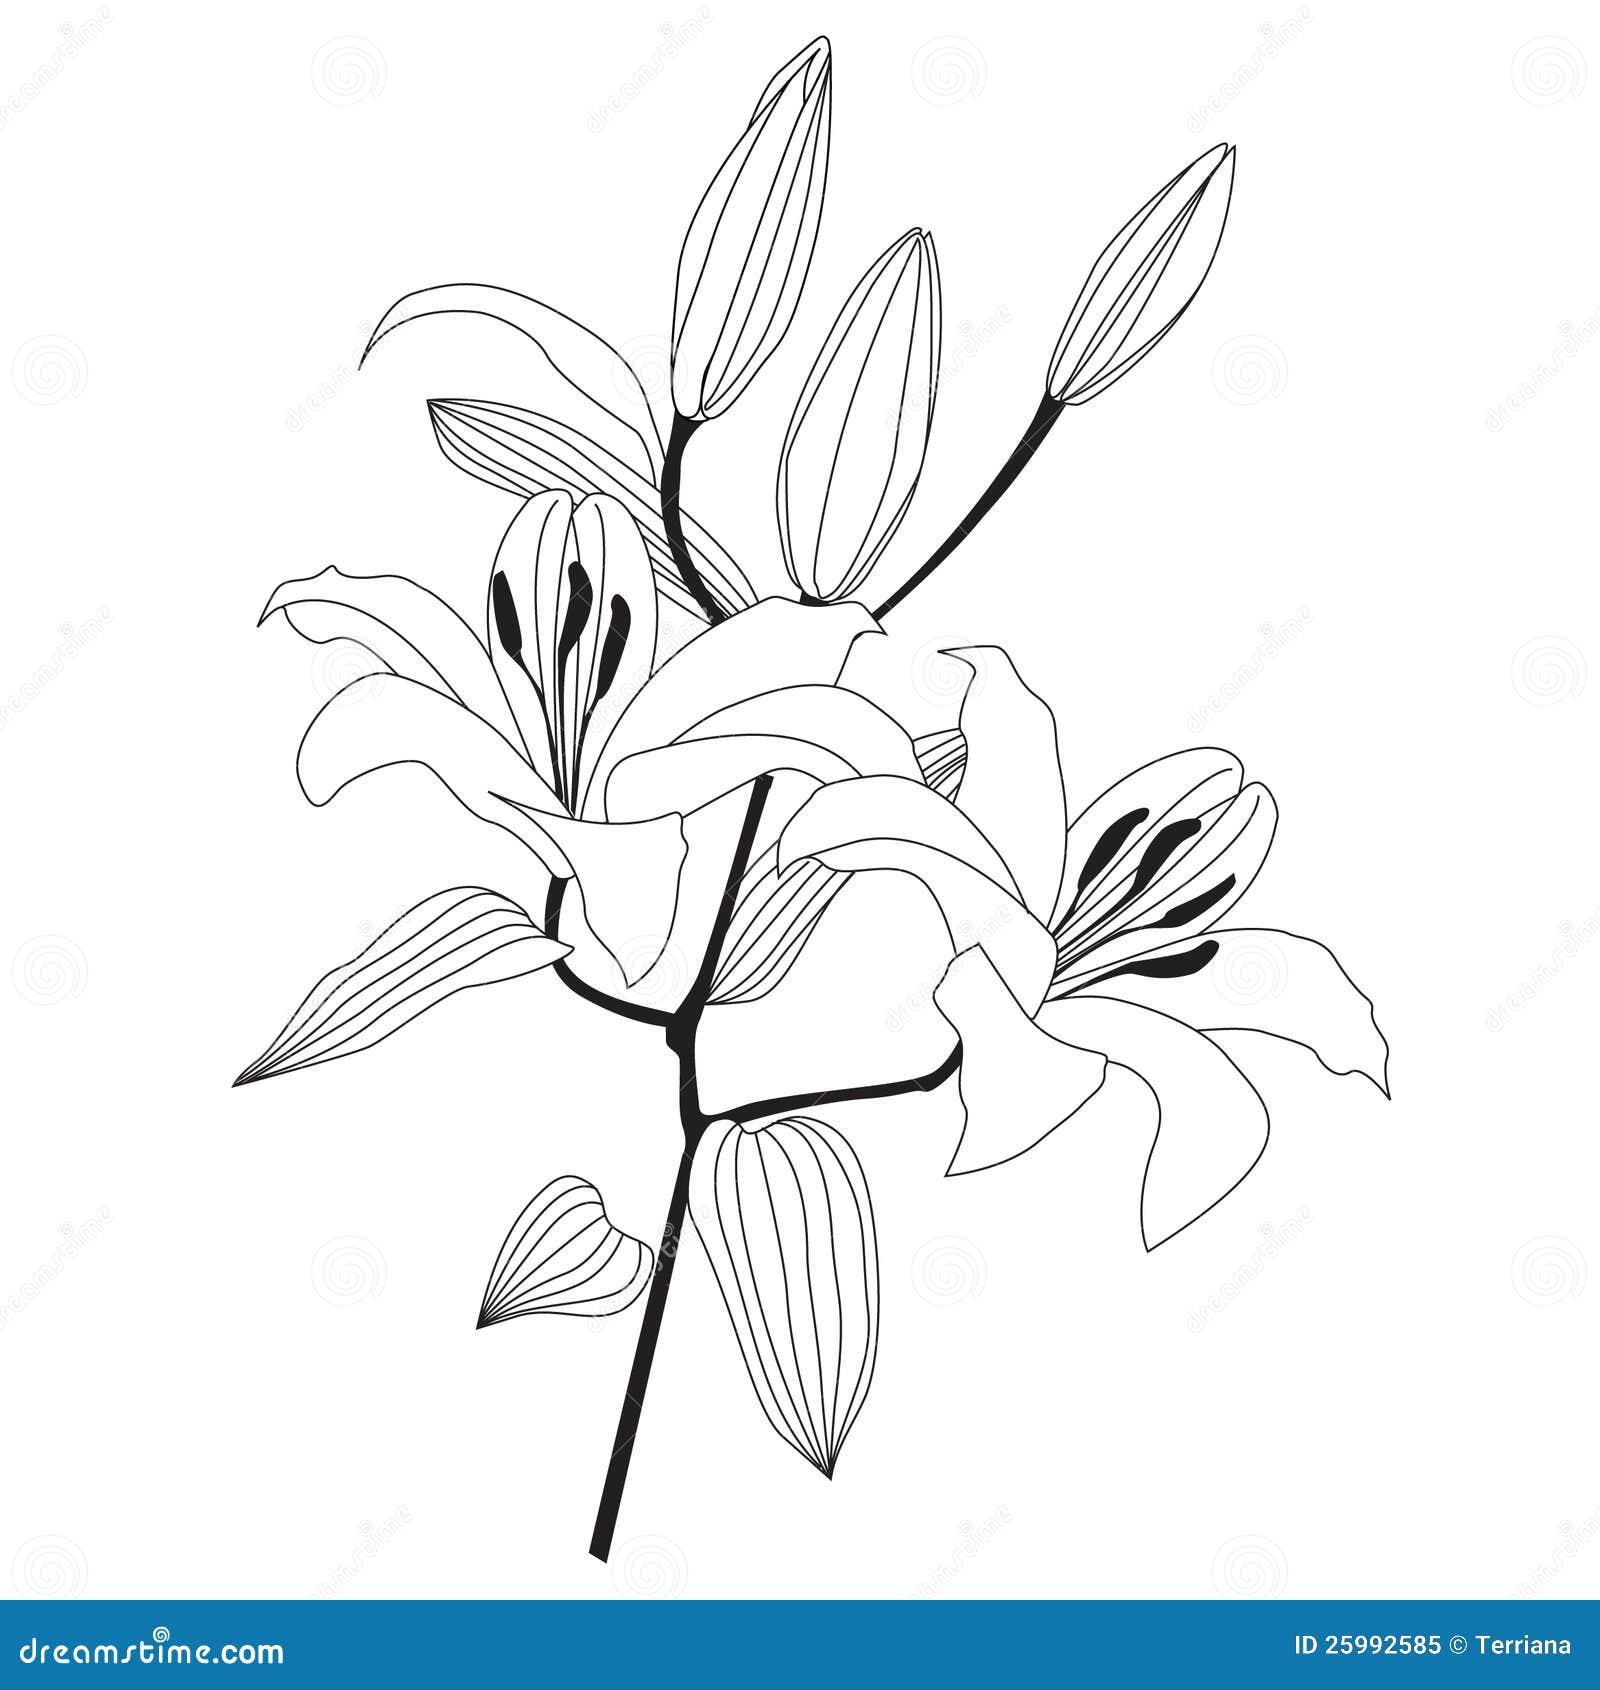 Free halo 3 para lirios coloring pages - Dessin fleur de lys ...